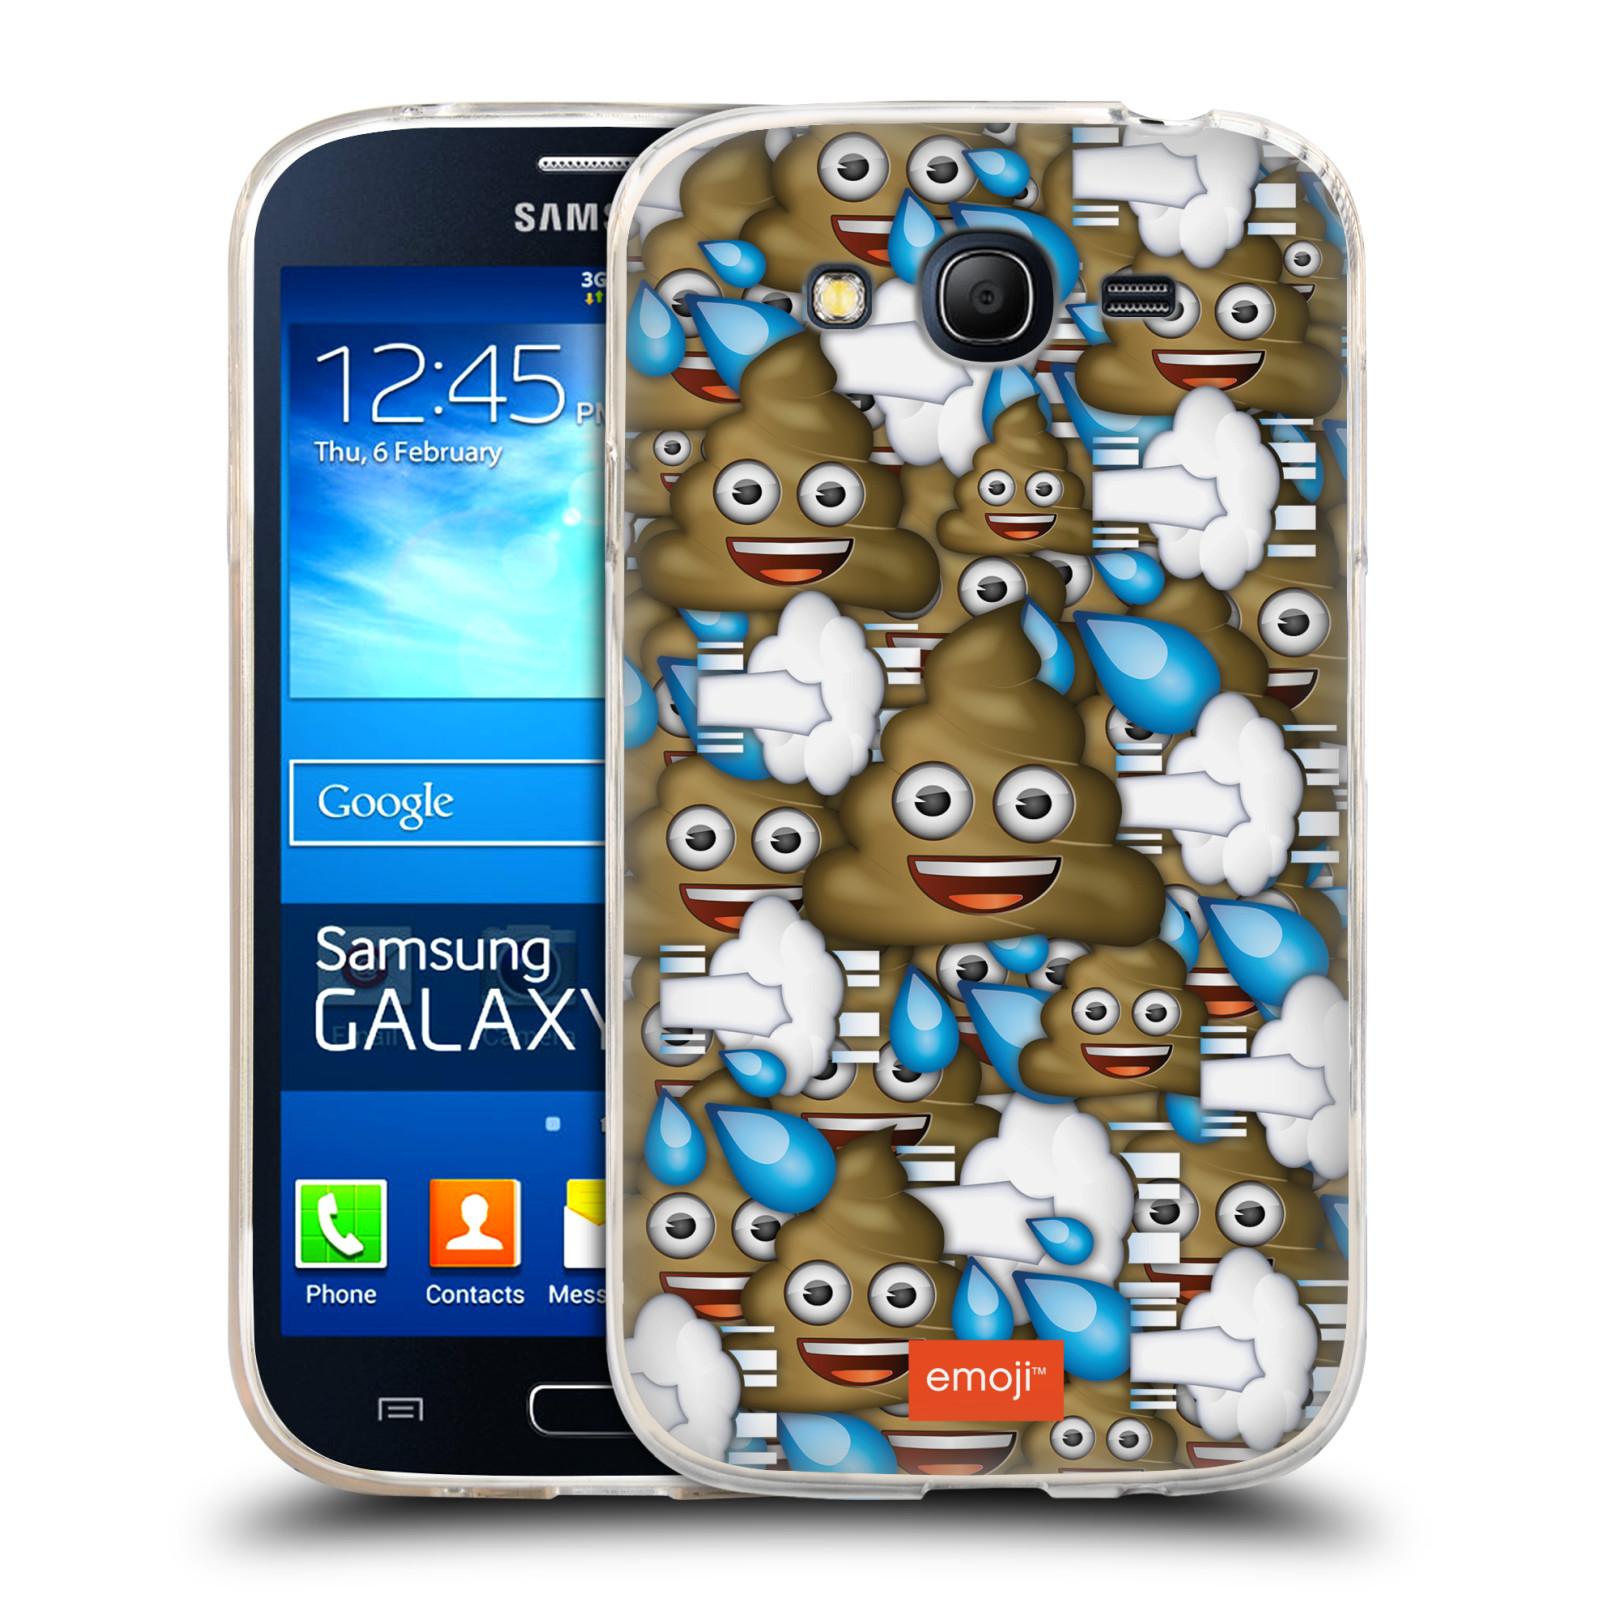 Silikonové pouzdro na mobil Samsung Galaxy Grand Neo Plus HEAD CASE EMOJI - Hovínka a prdíky (Silikonový kryt či obal s oficiálním motivem EMOJI na mobilní telefon Samsung Galaxy Grand Neo Plus Duos GT-I9060i)